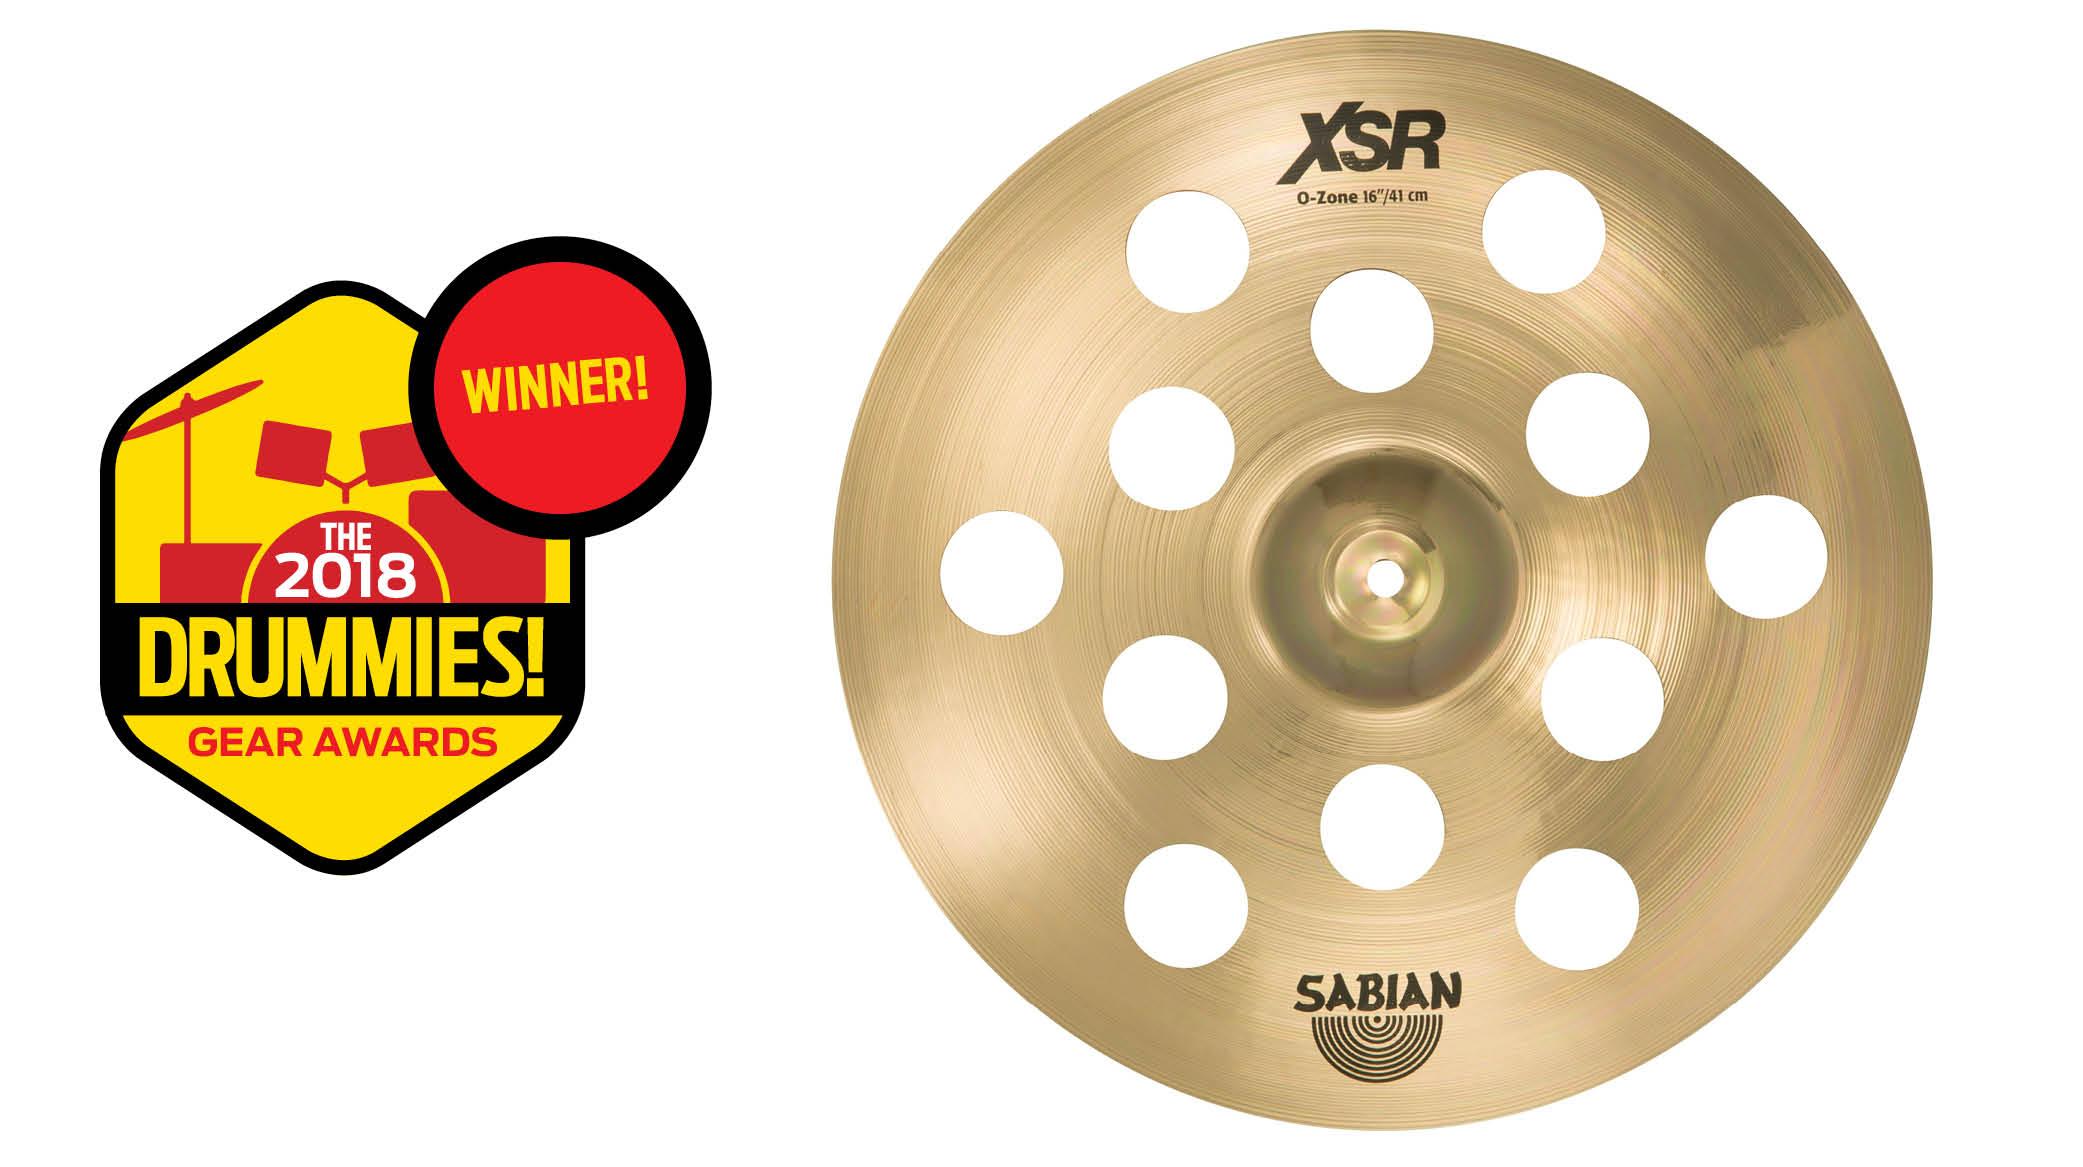 Sabian XSR drummie